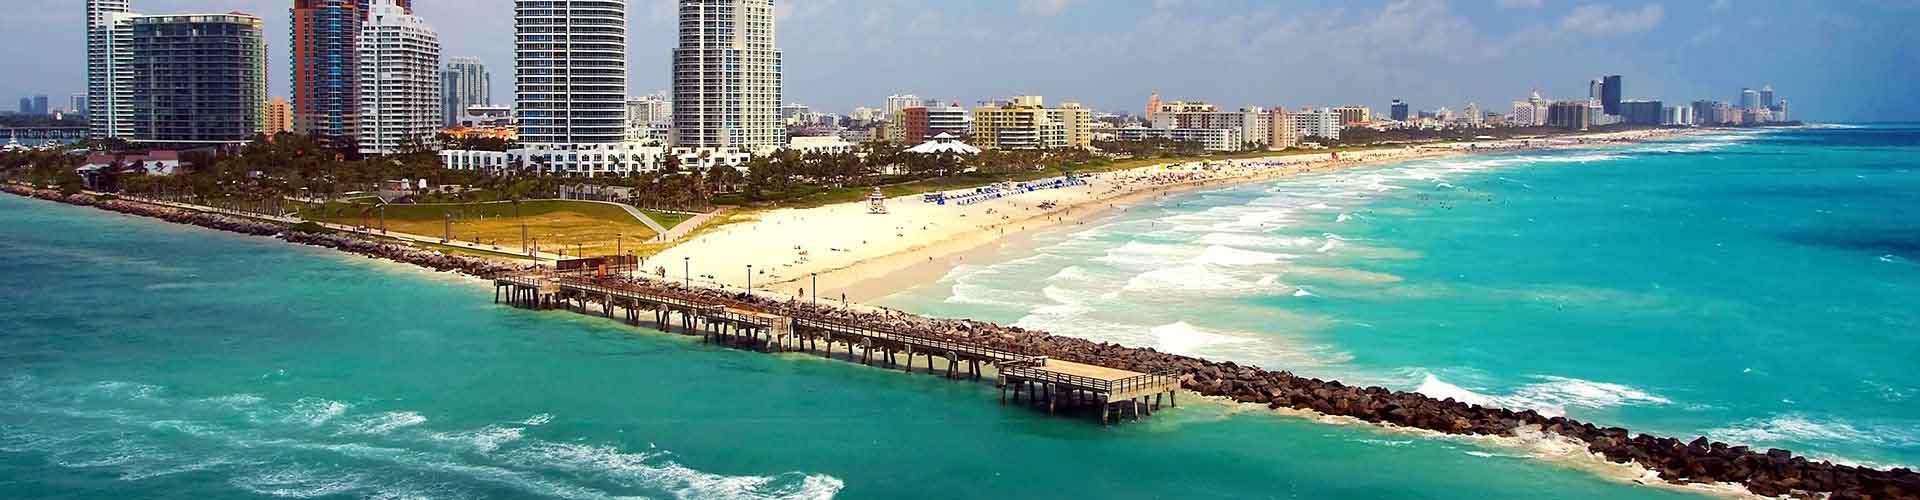 迈阿密 – 迈阿密 附近的青年旅舍。迈阿密地图,迈阿密 所有青年旅馆的照片和评分。